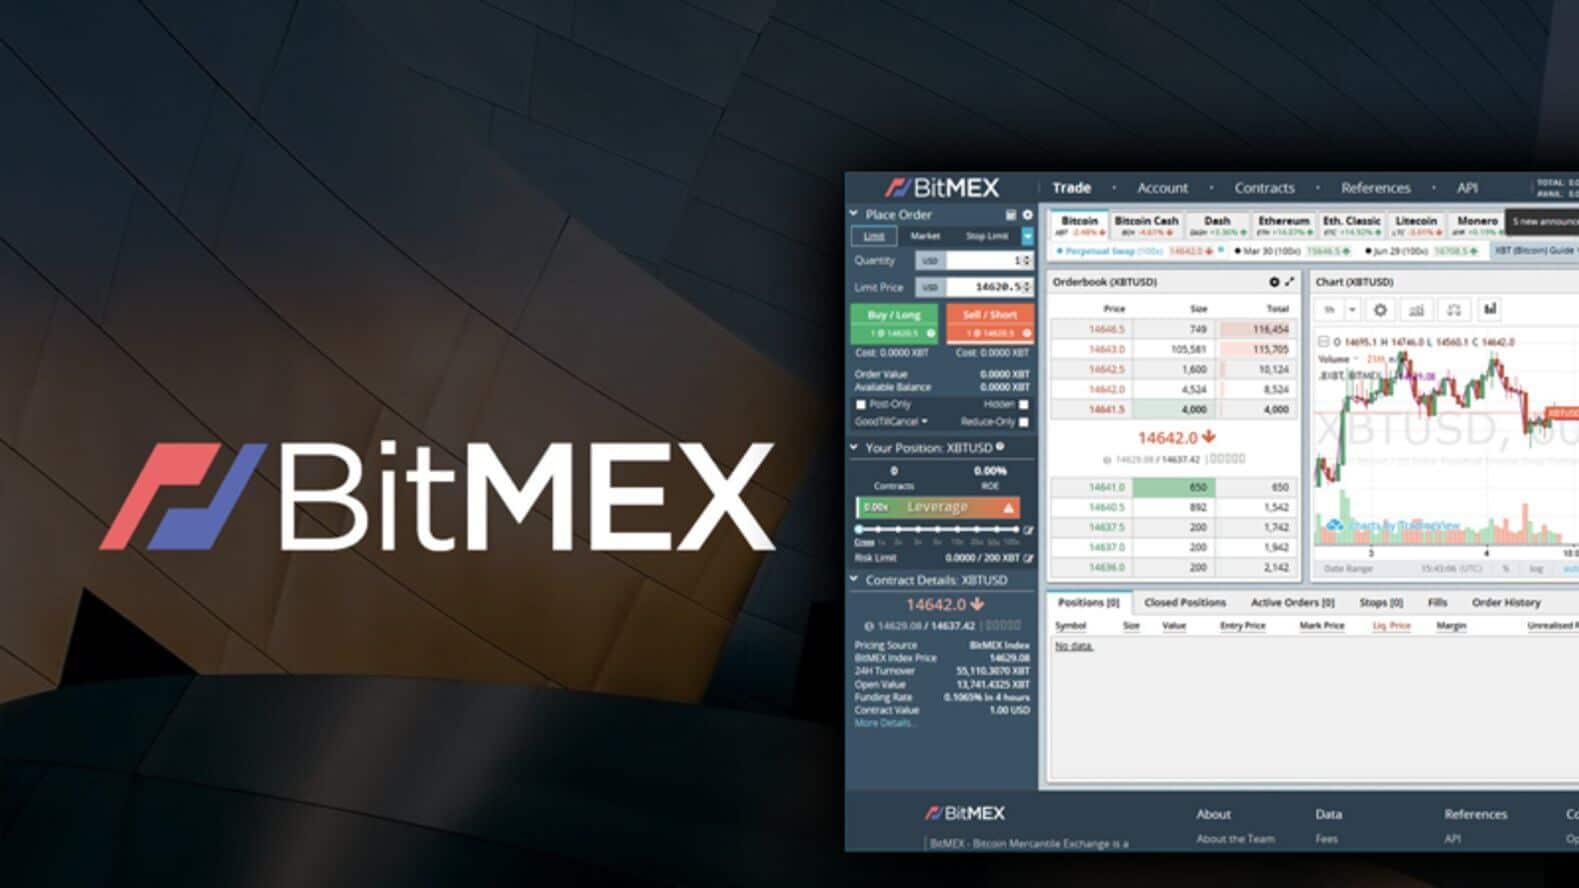 إتهام رؤساء منصة التداول BitMEX بنهب أكثر من 440 مليون دولار ... التفاصيل هنا